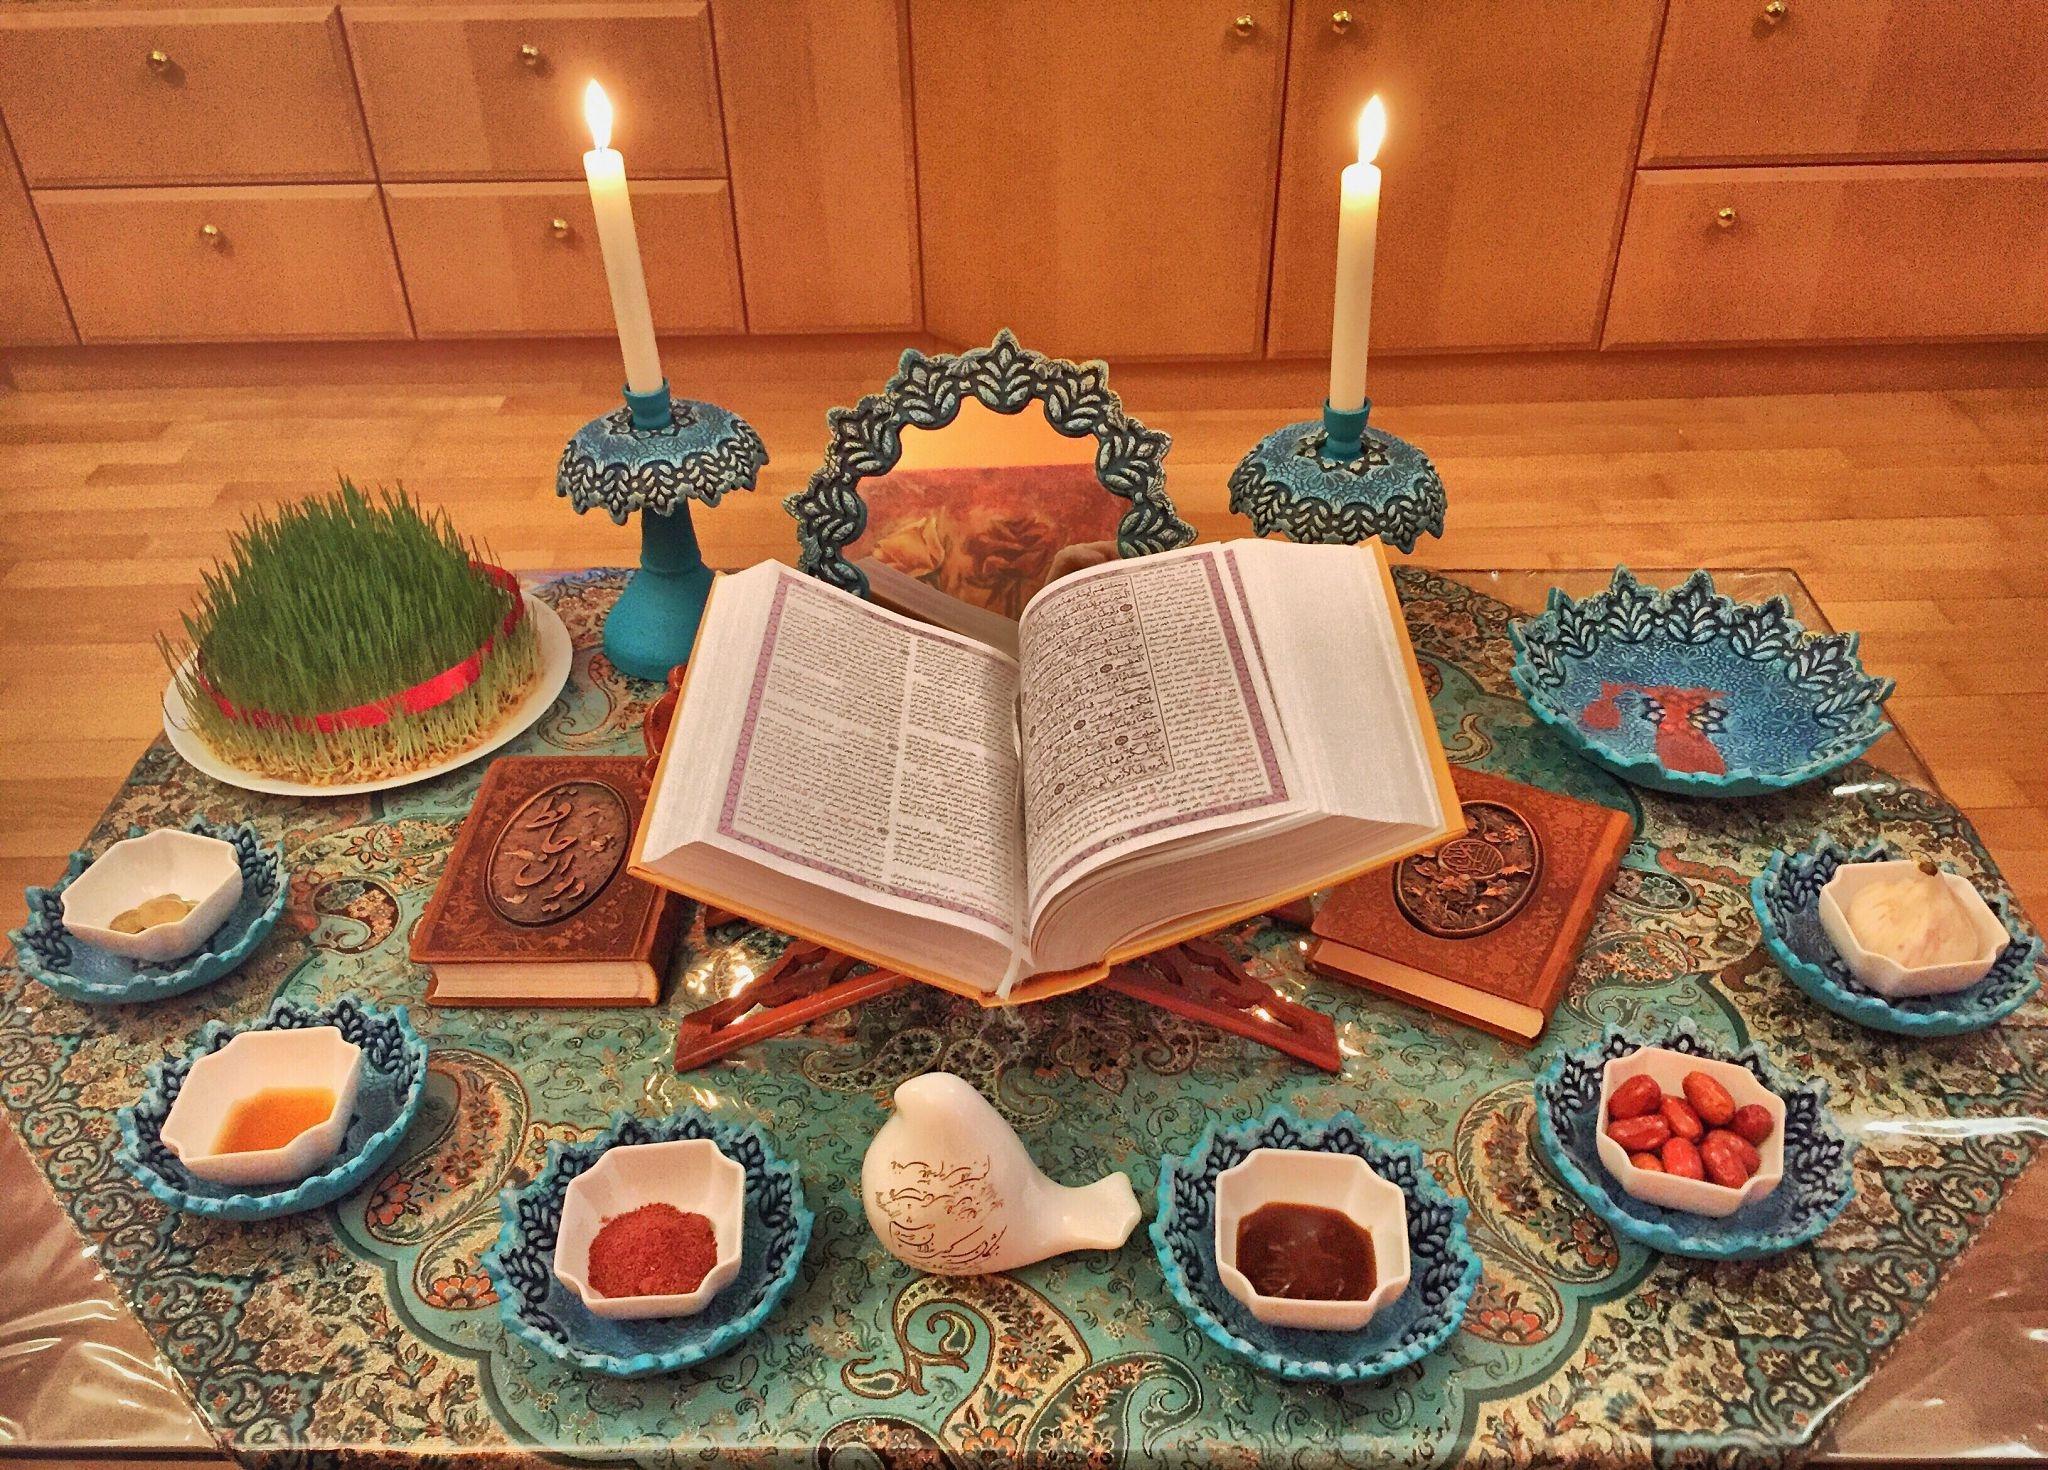 سفرهٔ هفتسین نوروز سال نو مبارک با قرآن